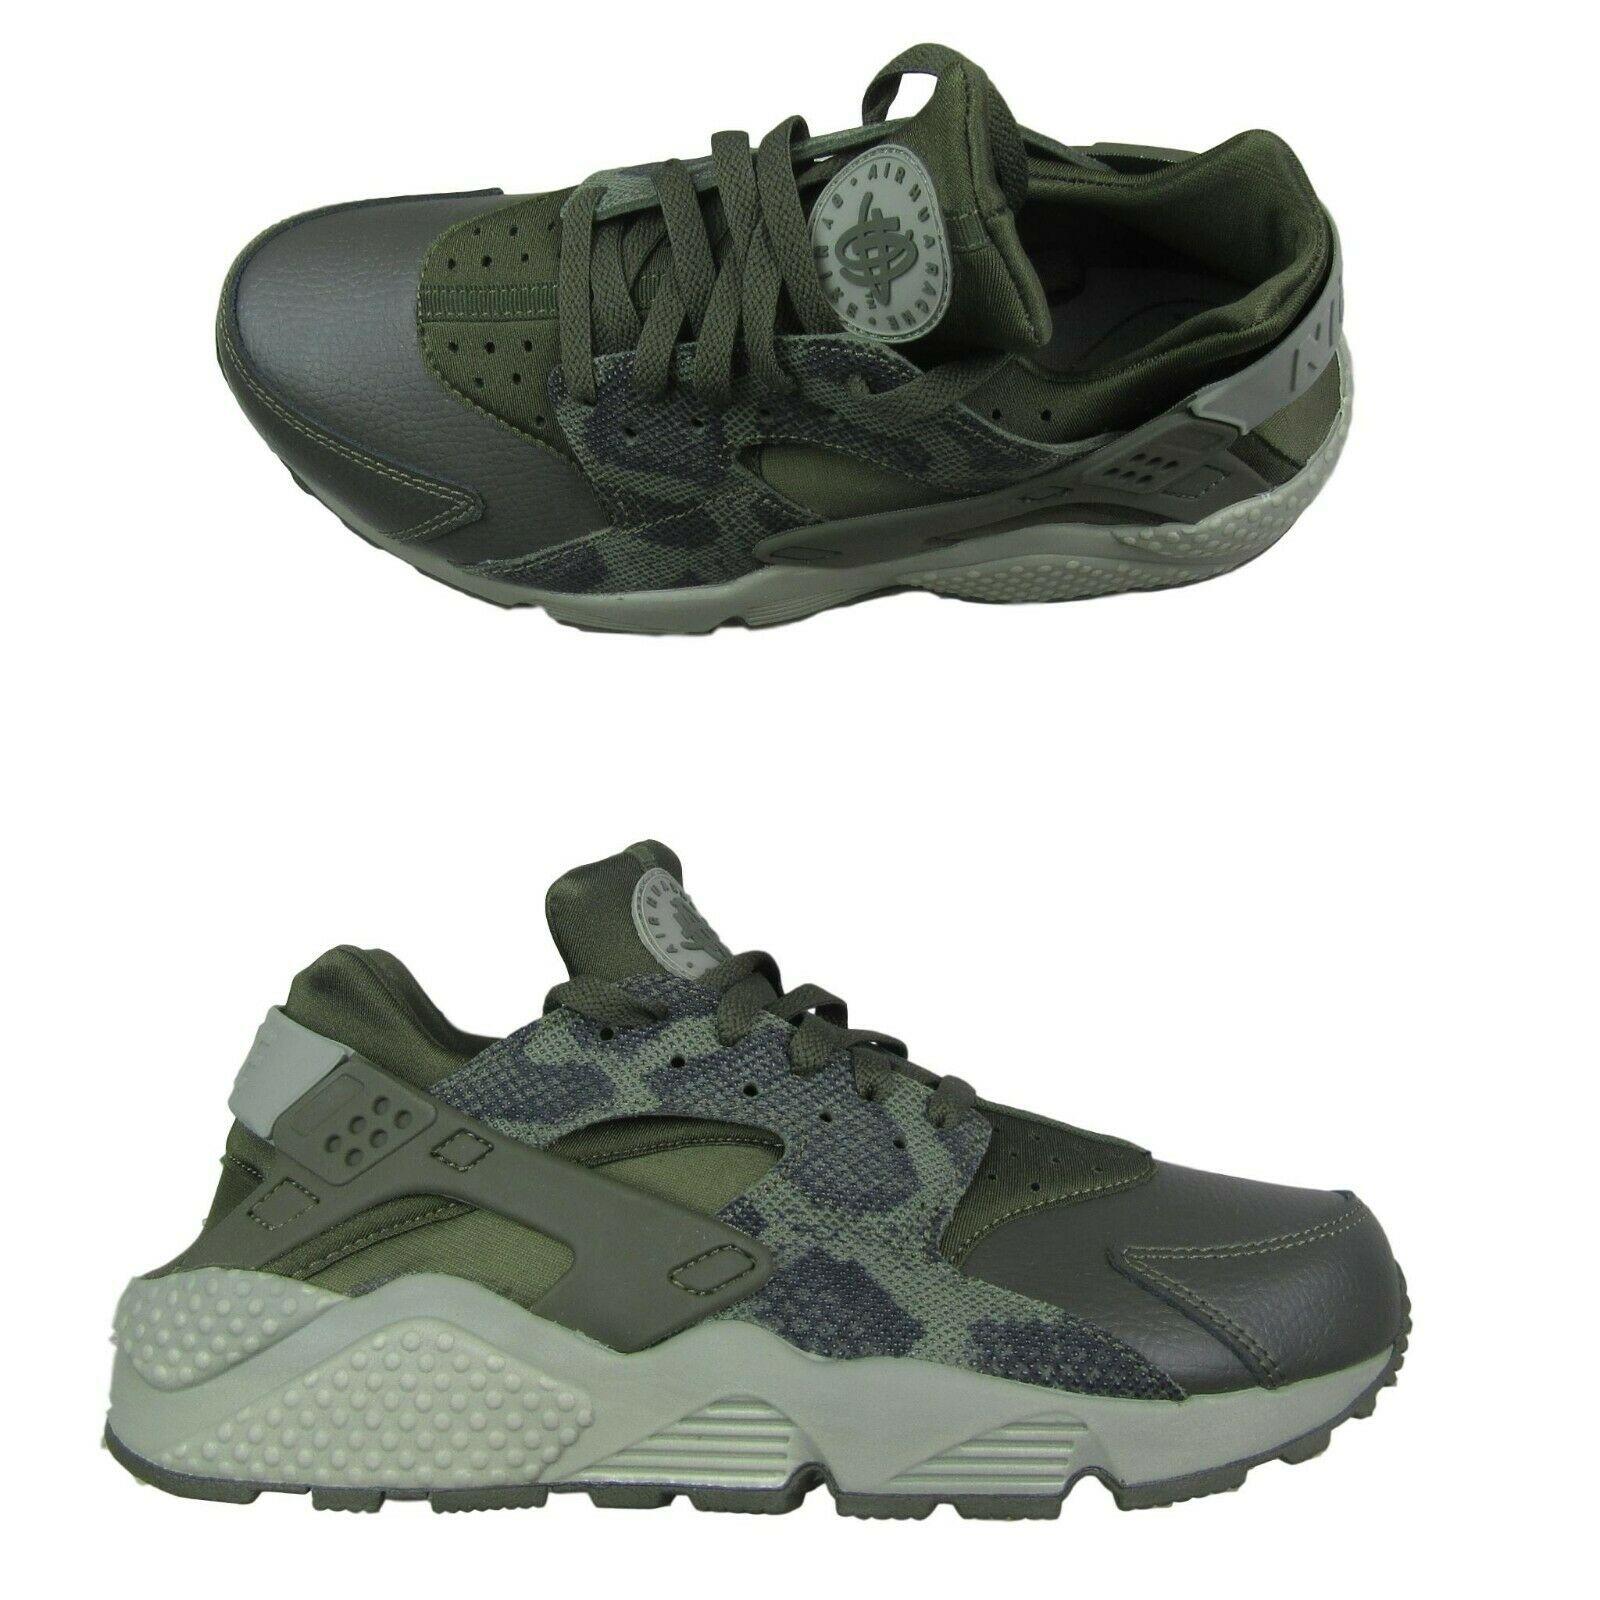 online store 637bc b5cc1 nike-air-huarache-run-premium-running-shoes-size-